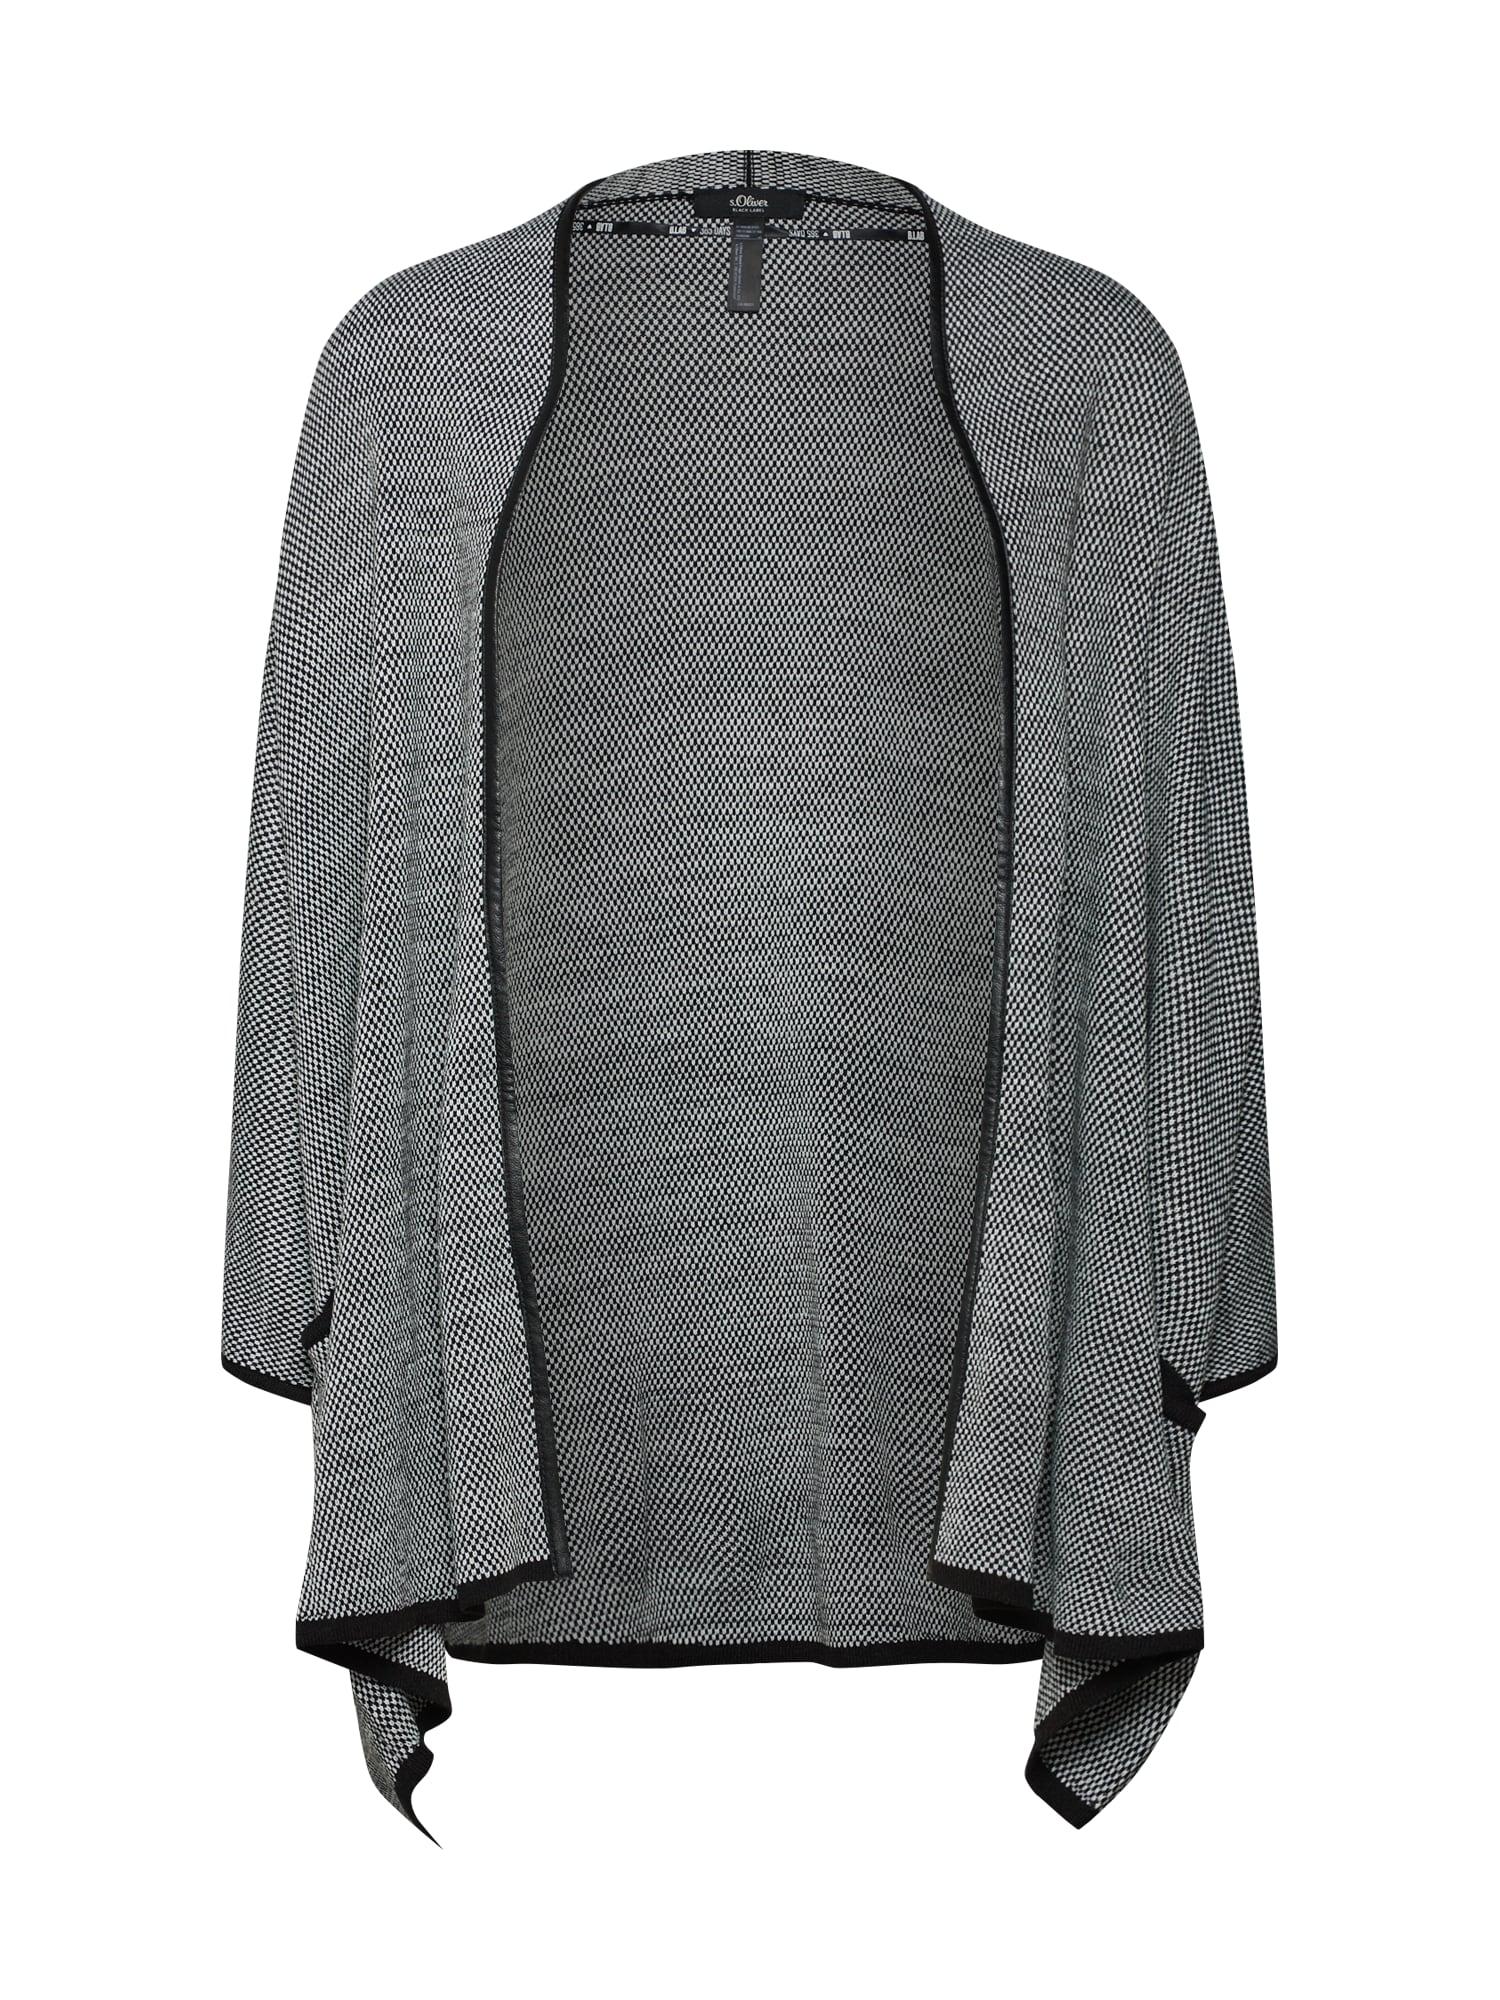 Oversized kardigan šedý melír černá S.Oliver BLACK LABEL